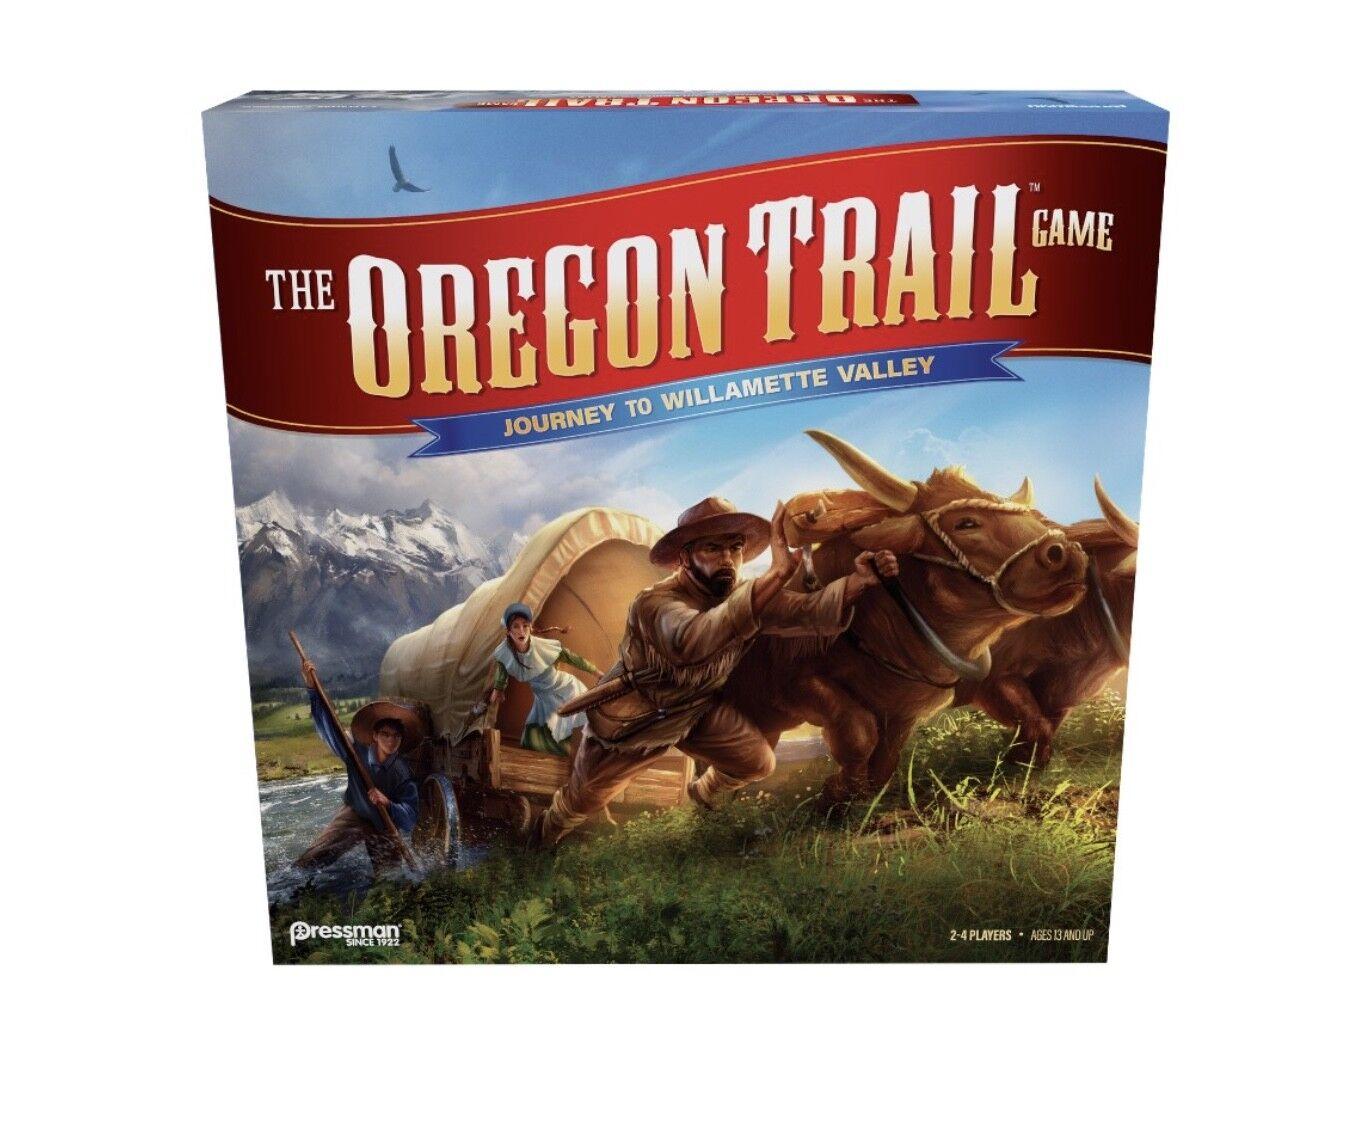 OREGON TRAIL Journey to Willamette Valley  Board Game Même Jour gratuites navire  promotions d'équipe